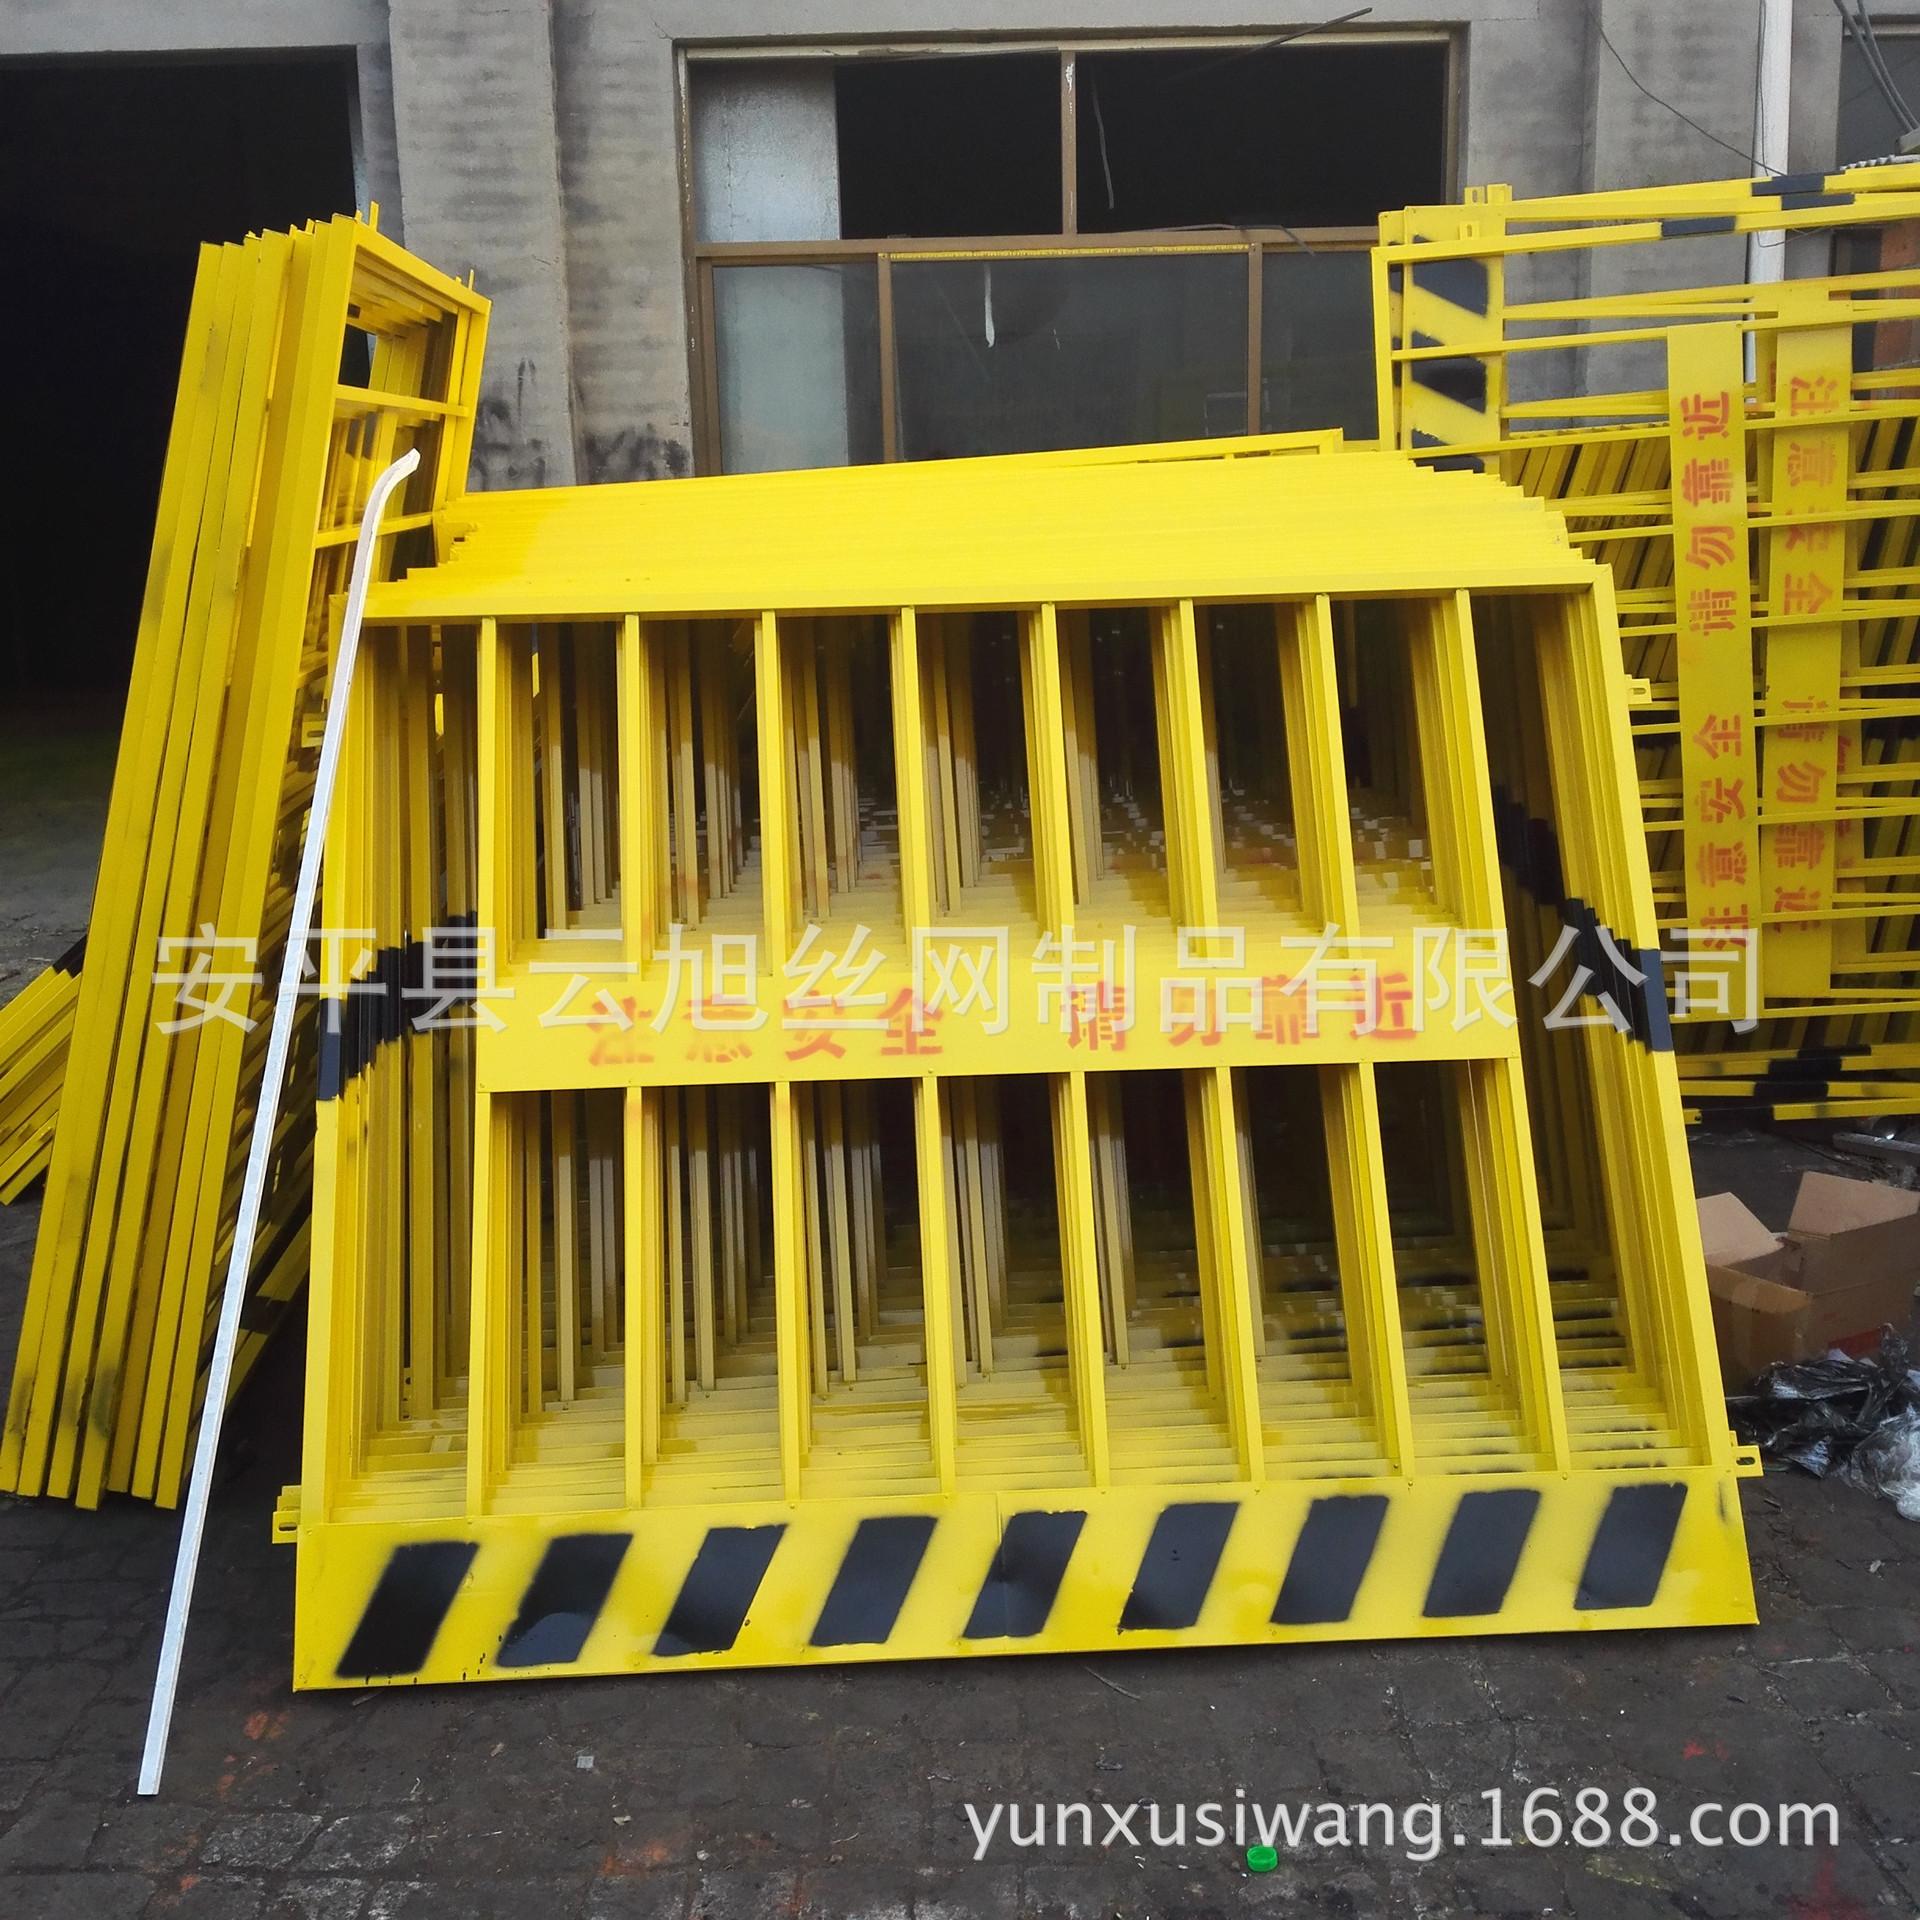 基坑护栏临边防护栏杆 基坑建筑施工护栏 云旭厂家 价格优惠示例图24